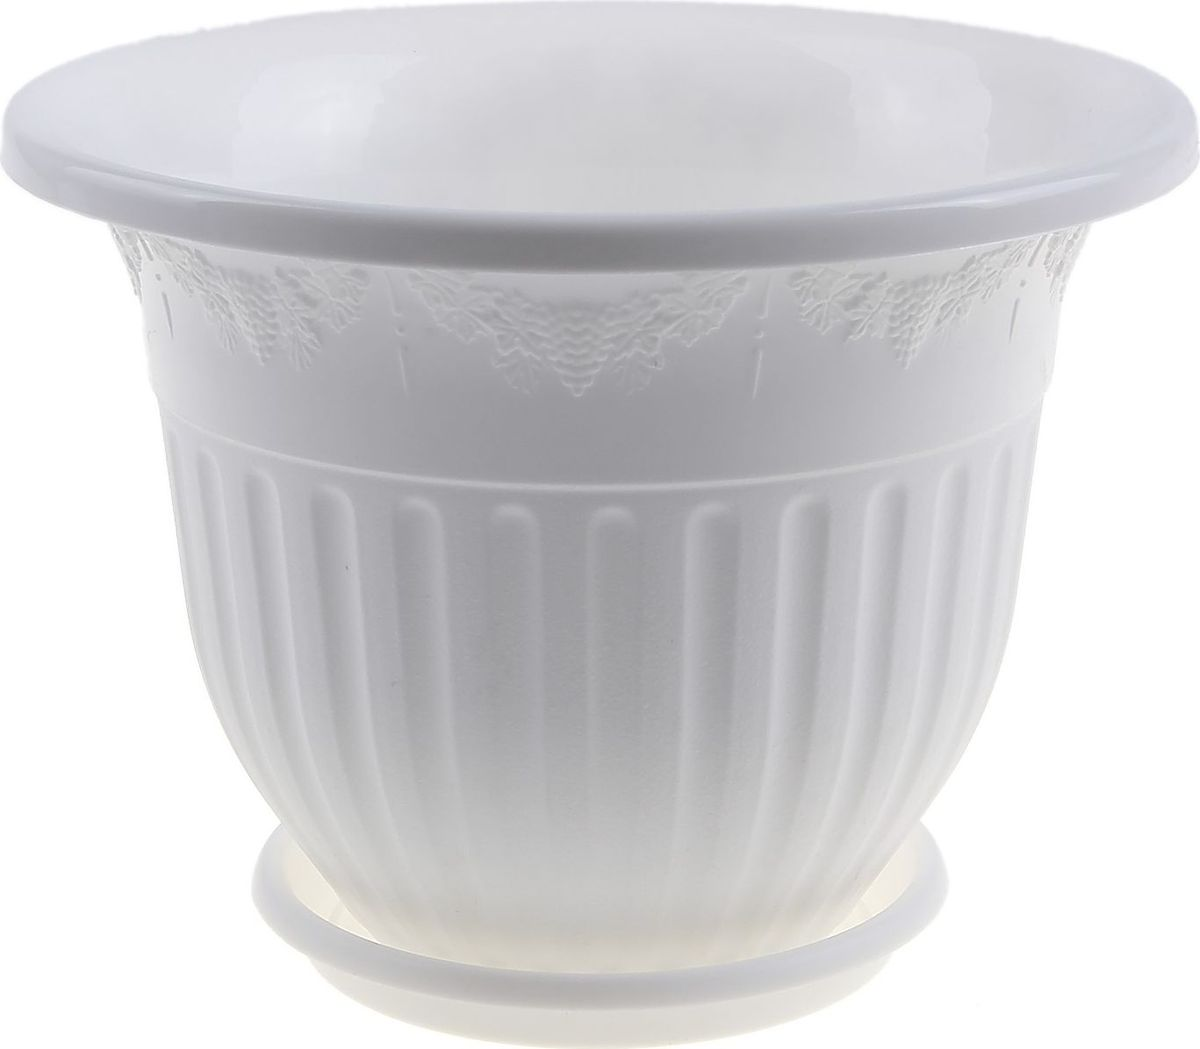 Кашпо Альтернатива Лозанна, с поддоном, цвет: белый, 17 л97775318Любой, даже самый современный и продуманный интерьер будет не завершённым без растений. Они не только очищают воздух и насыщают его кислородом, но и заметно украшают окружающее пространство. Такому полезному члену семьи просто необходимо красивое и функциональное кашпо, оригинальный горшок или необычная ваза! Мы предлагаем - Горшок-кашпо 17 л Лозанна, поддон, цвет белый! Оптимальный выбор материала пластмасса! Почему мы так считаем? Малый вес. С лёгкостью переносите горшки и кашпо с места на место, ставьте их на столики или полки, подвешивайте под потолок, не беспокоясь о нагрузке. Простота ухода. Пластиковые изделия не нуждаются в специальных условиях хранения. Их легко чистить достаточно просто сполоснуть тёплой водой. Никаких царапин. Пластиковые кашпо не царапают и не загрязняют поверхности, на которых стоят. Пластик дольше хранит влагу, а значит растение реже нуждается в поливе. Пластмасса не пропускает воздух корневой системе растения не грозят резкие перепады температур. Огромный выбор форм, декора и расцветок вы без труда подберёте что-то, что идеально впишется в уже существующий интерьер. Соблюдая нехитрые правила ухода, вы можете заметно продлить срок службы горшков, вазонов и кашпо из пластика: всегда учитывайте размер кроны и корневой системы растения (при разрастании большое растение способно повредить маленький горшок)берегите изделие от воздействия прямых солнечных лучей, чтобы кашпо и горшки не выцветалидержите кашпо и горшки из пластика подальше от нагревающихся поверхностей. Создавайте прекрасные цветочные композиции, выращивайте рассаду или необычные растения, а низкие цены позволят вам не ограничивать себя в выборе.